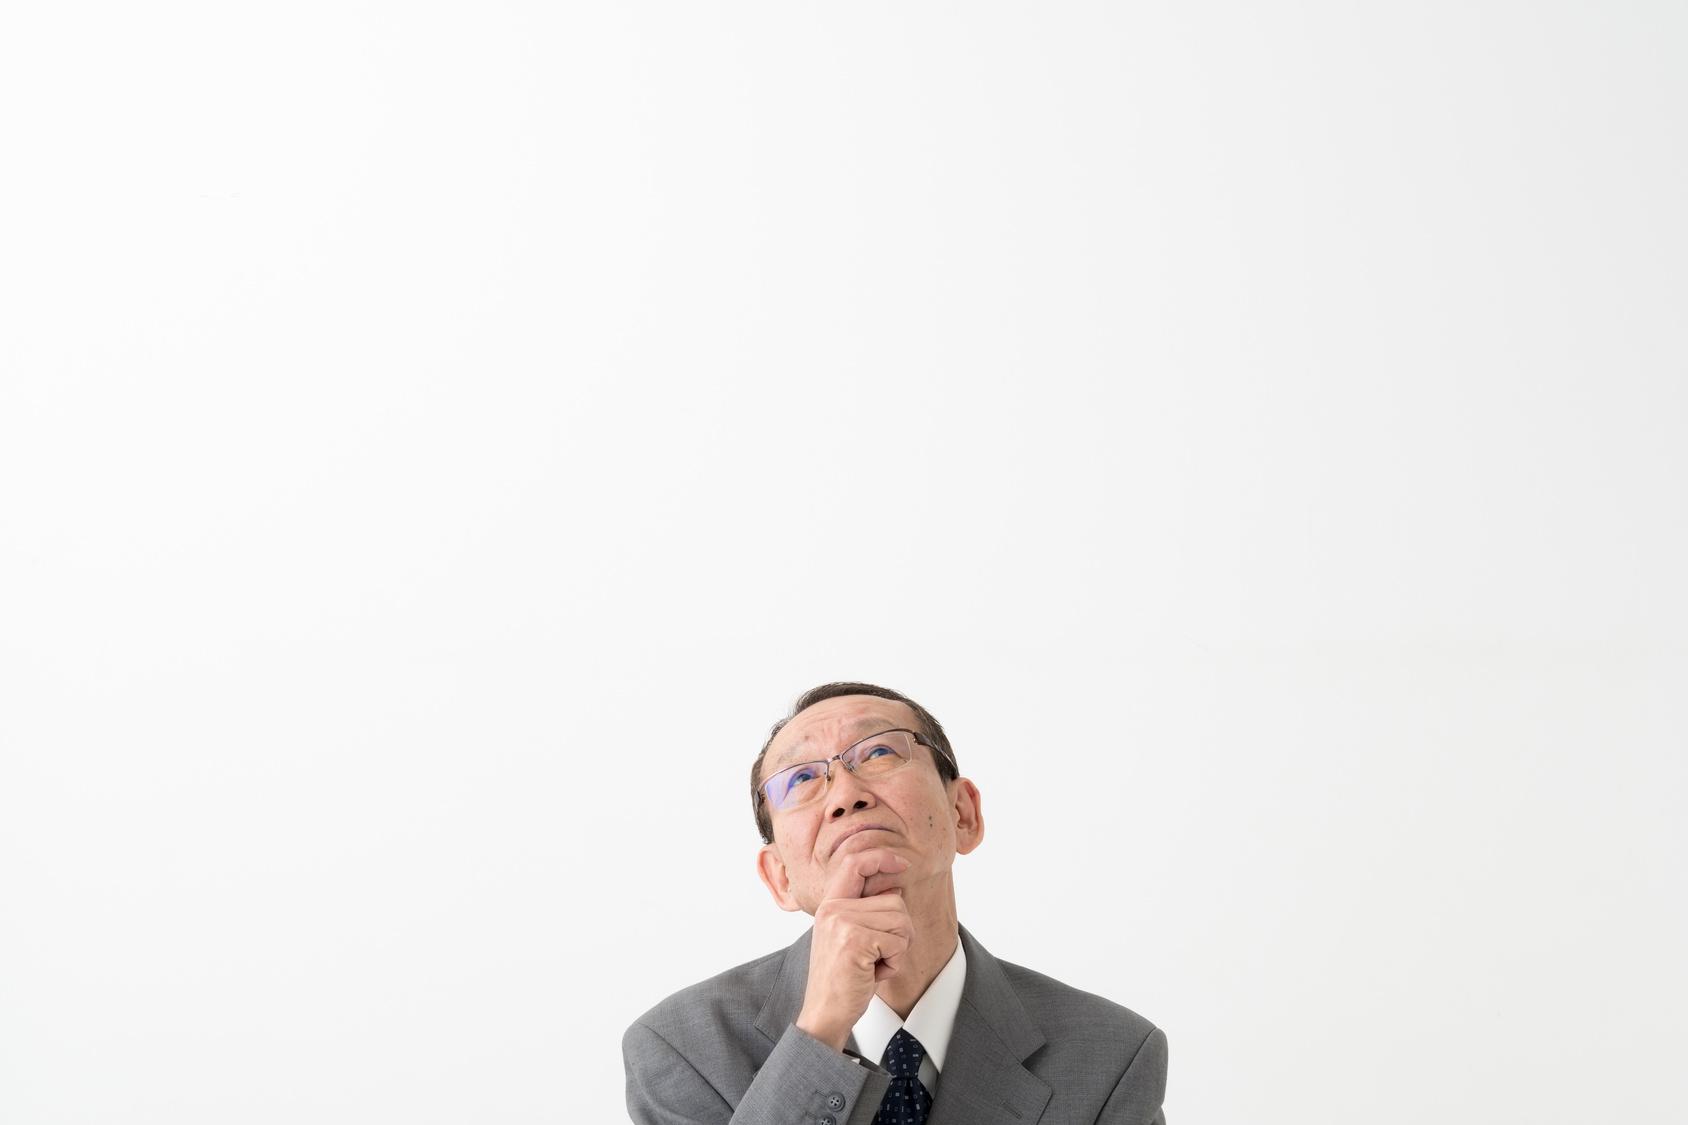 取締役になるのは「昇進」でなく「ジョブチェンジ」のはず!企業トップの平均年齢が世界より10歳高い日本の「役員高齢化」問題